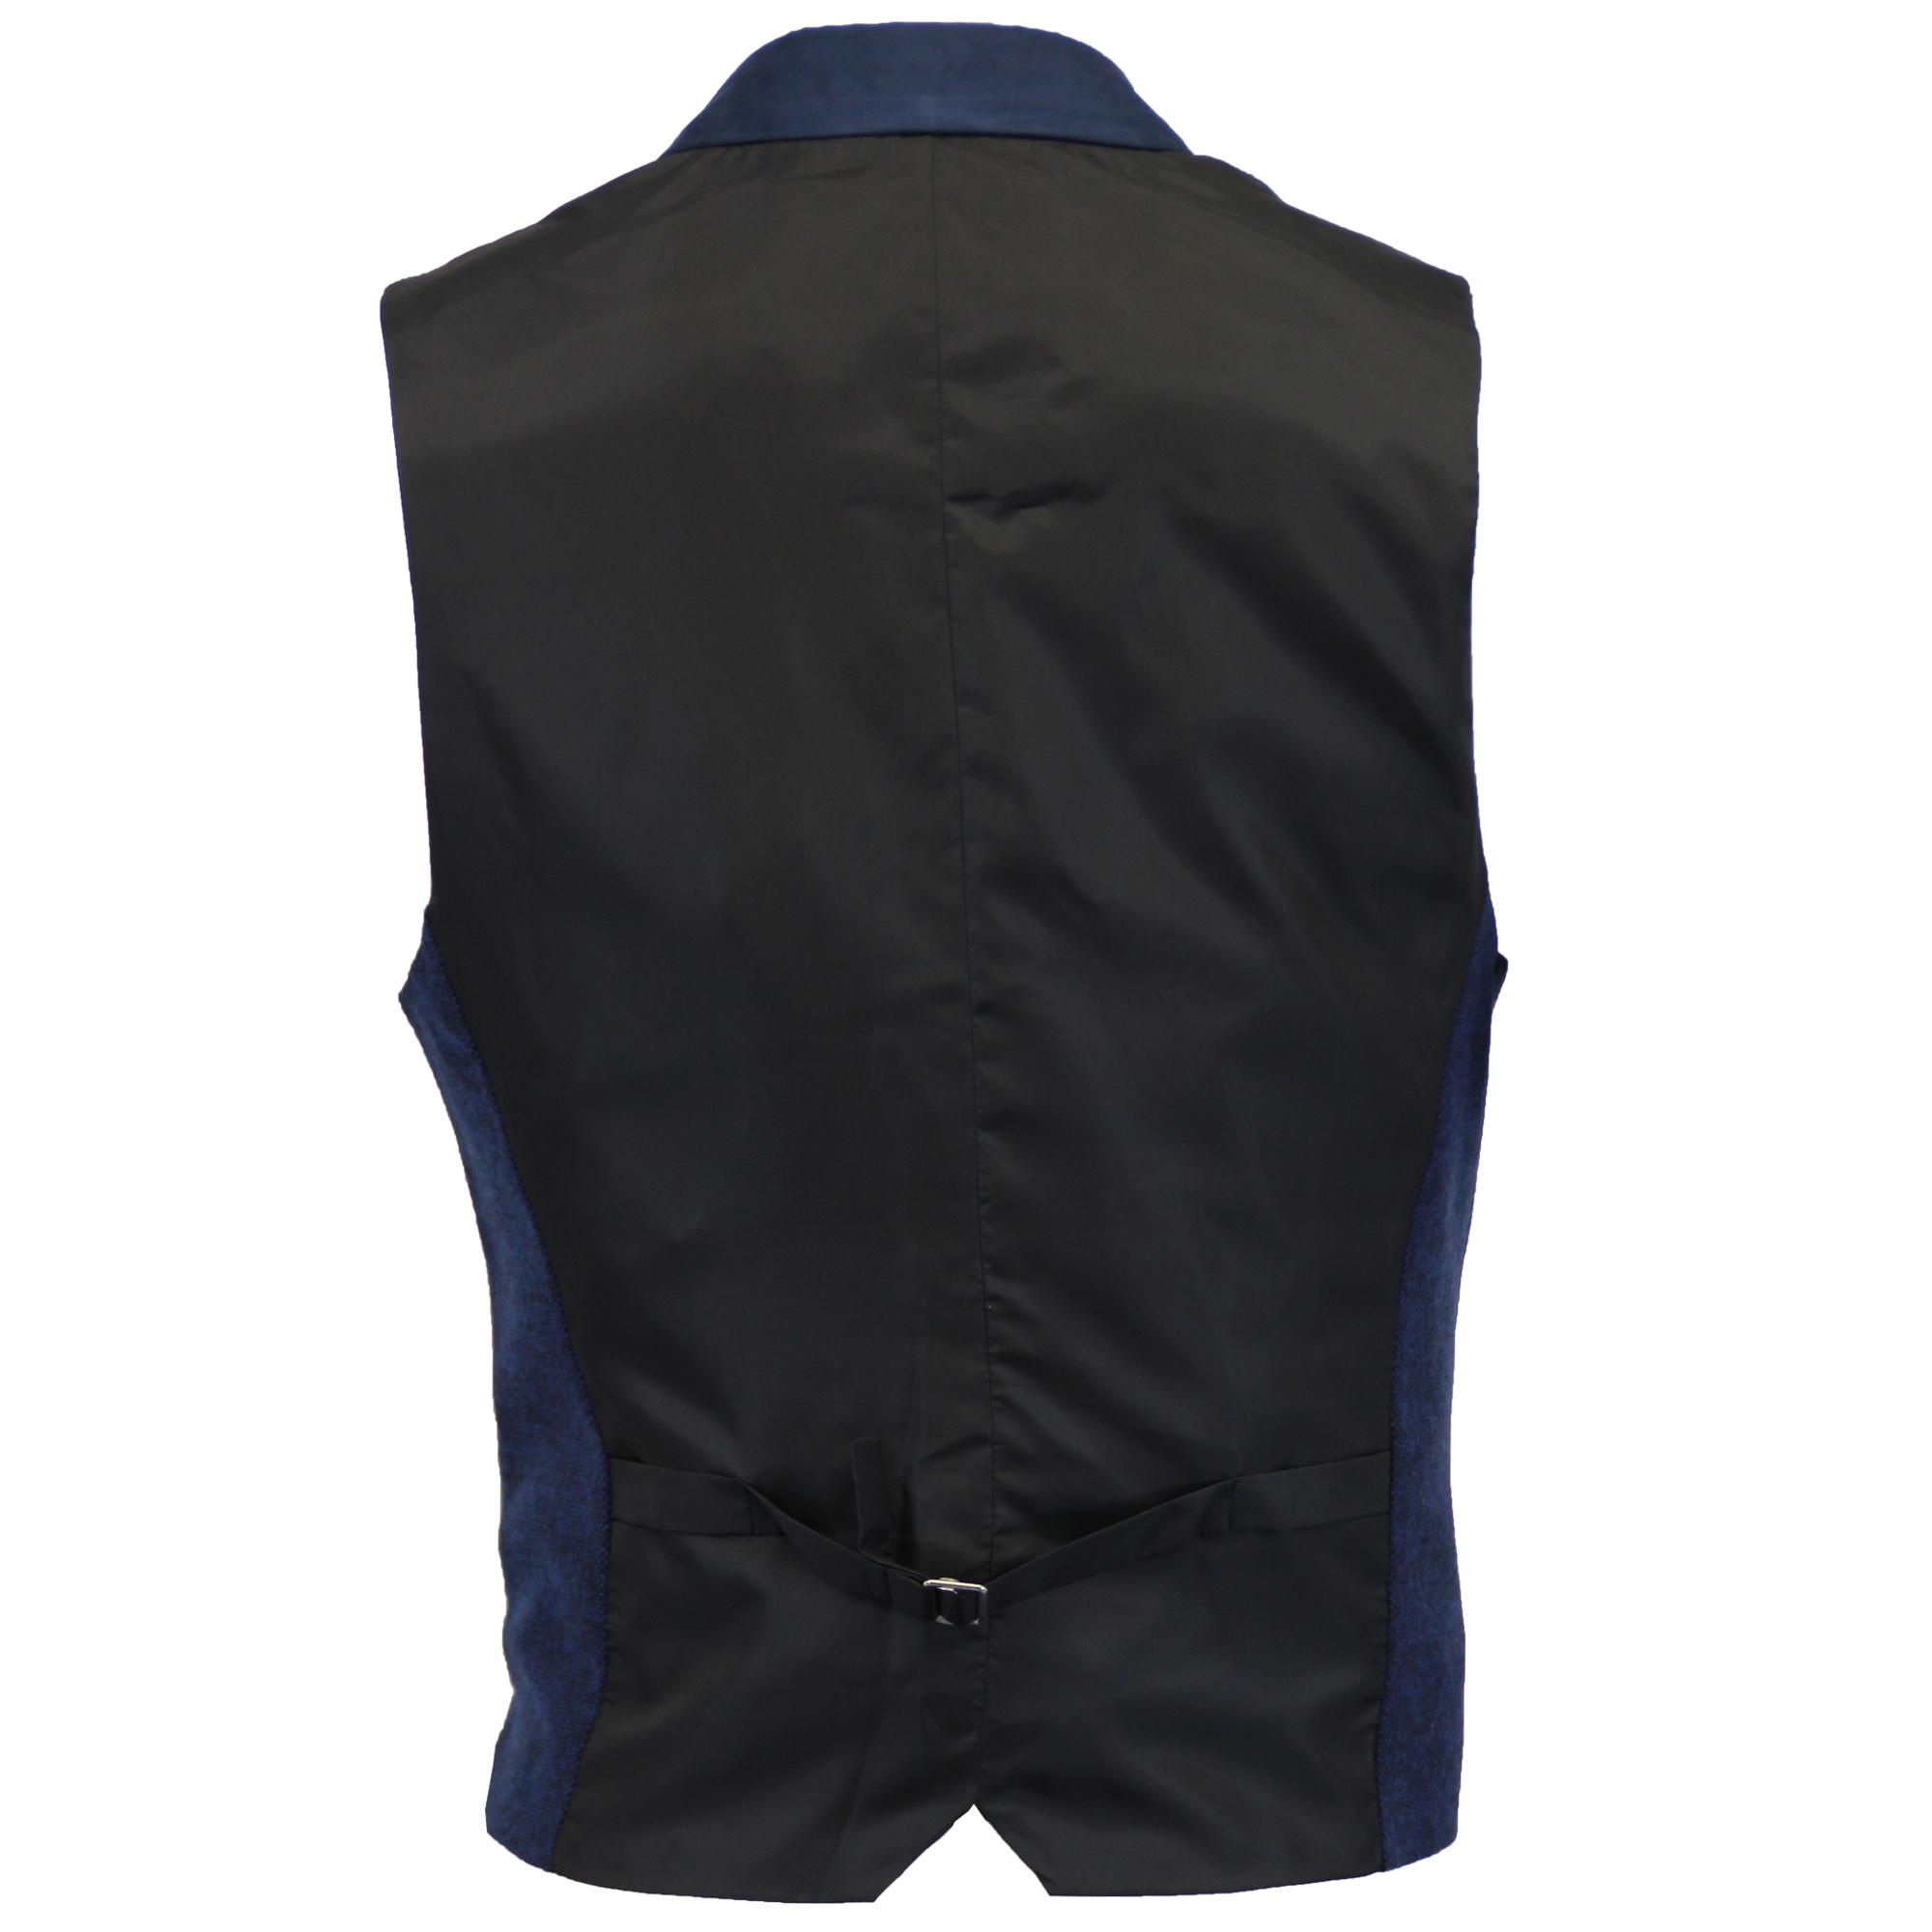 Mezcla-de-lana-para-hombre-mareno-Chaleco-Chaleco-Formal-Herringbone-Tweed-Cuadros-Forrado-de miniatura 3